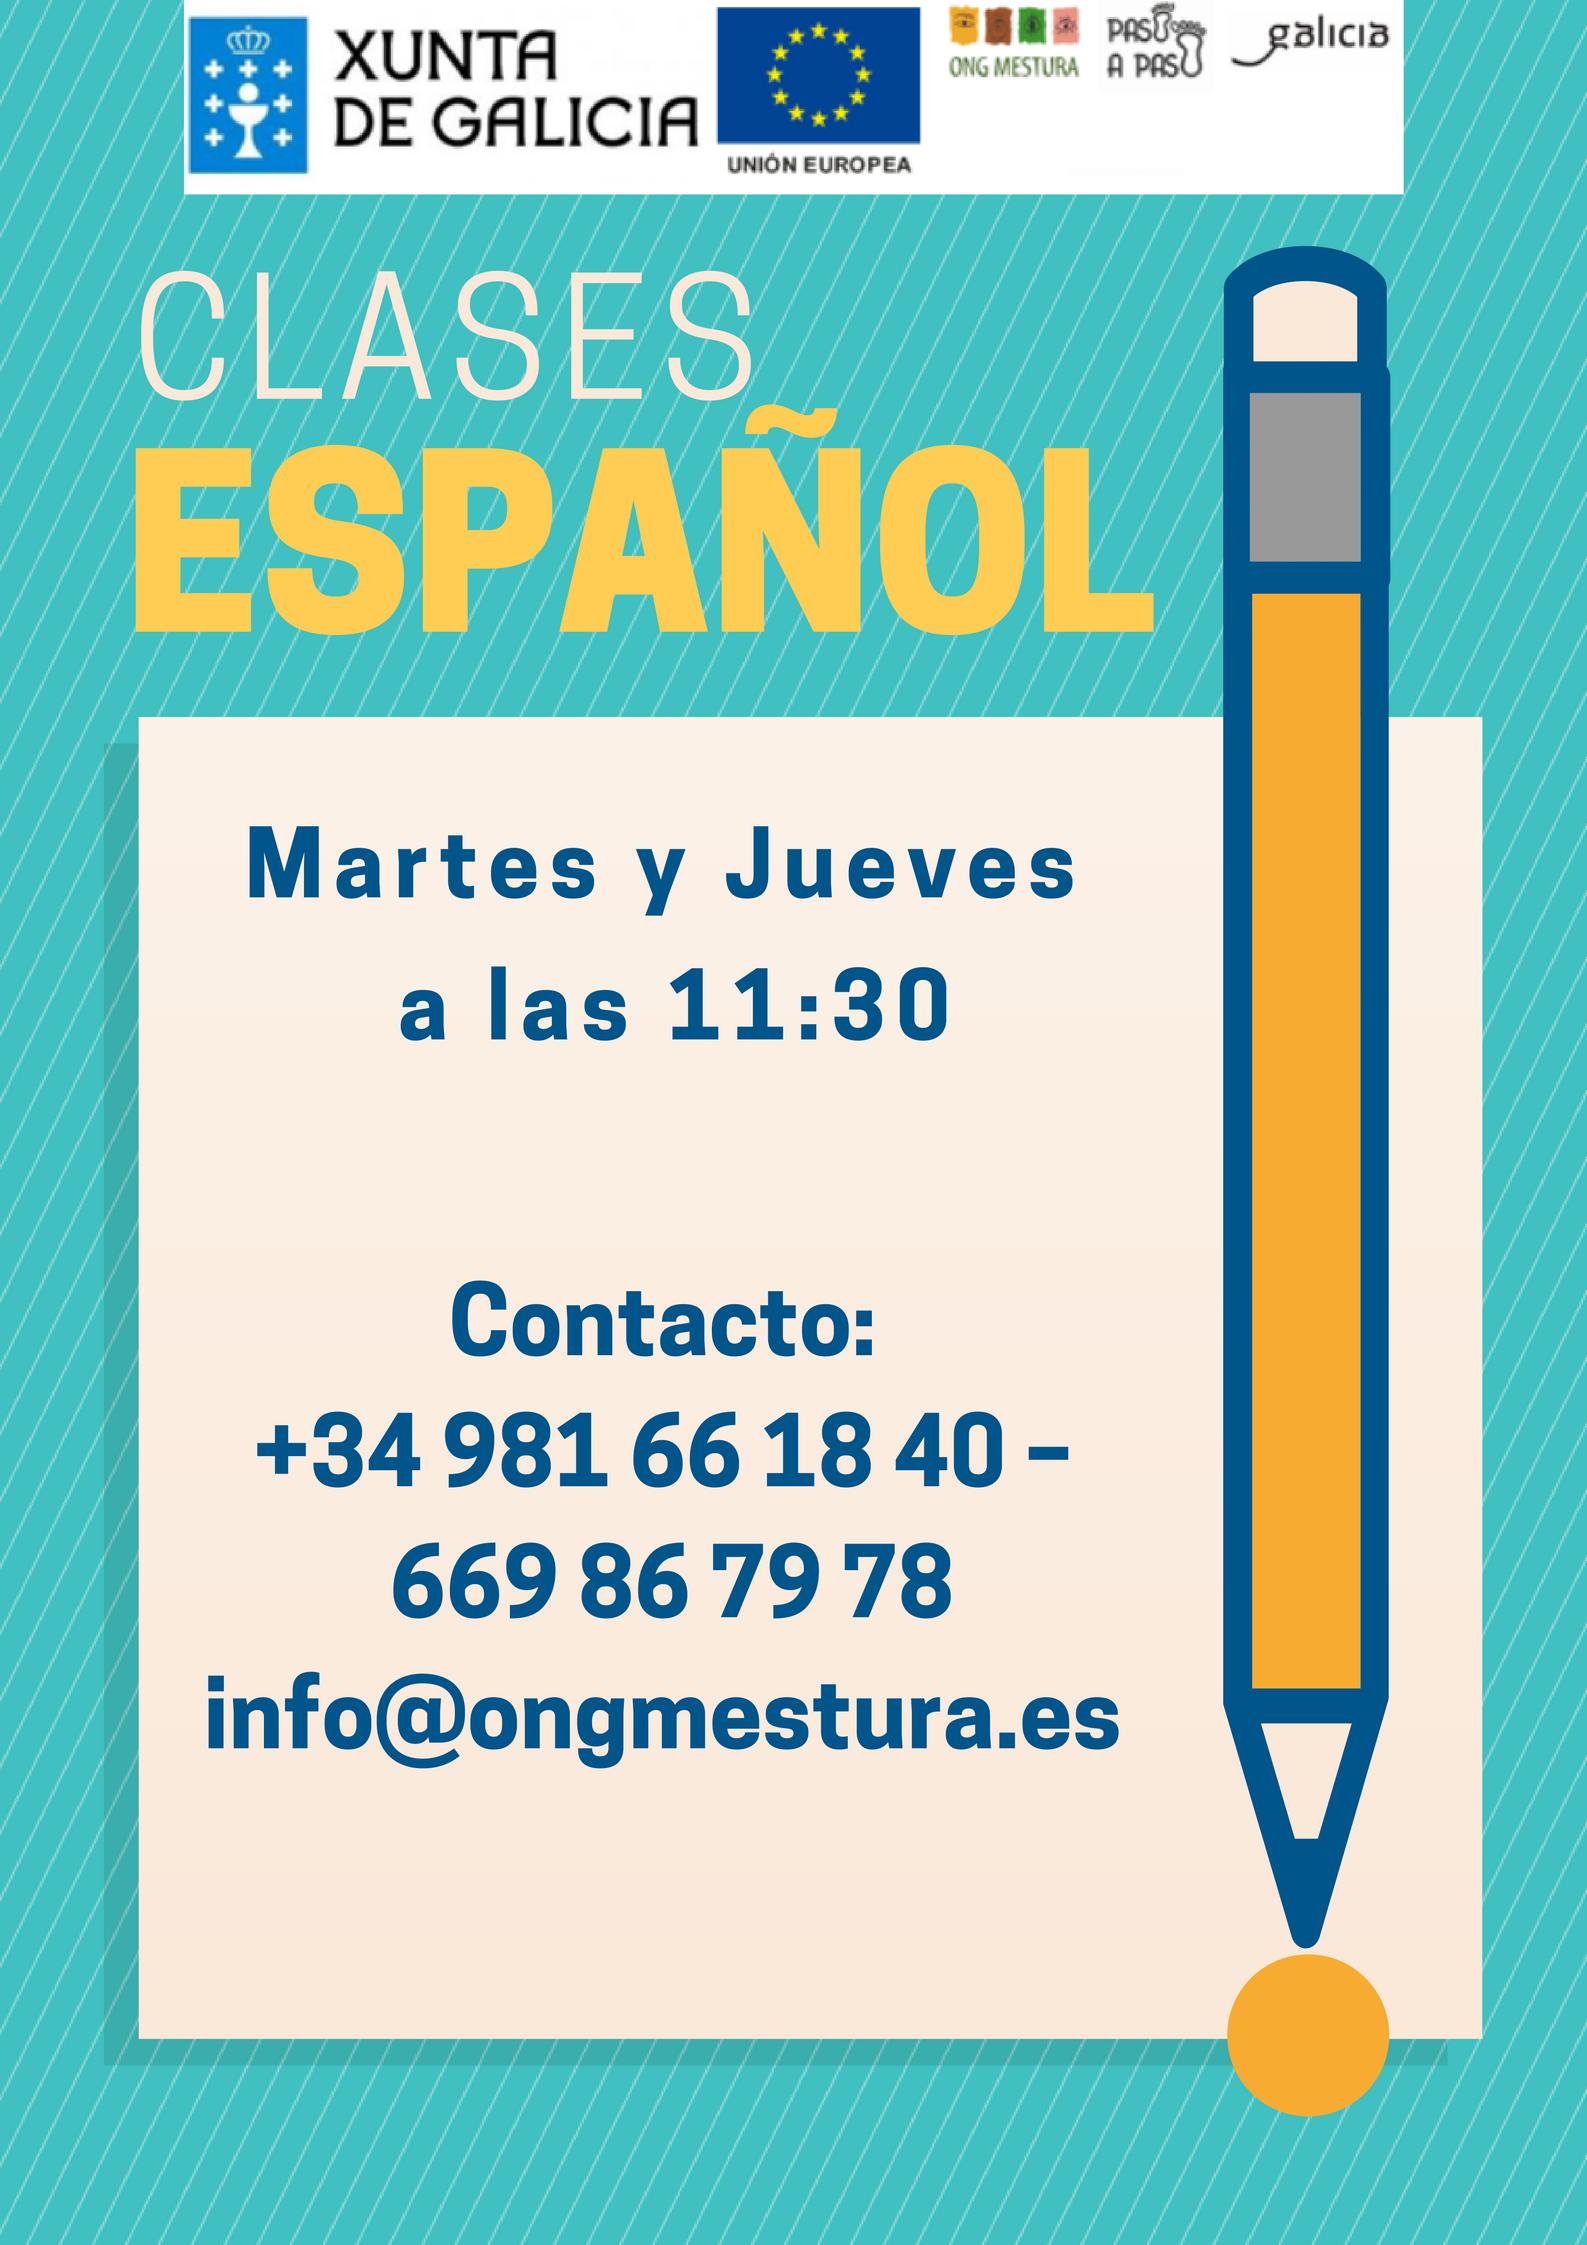 Clases Español, As nosas linguas, ong mestura,